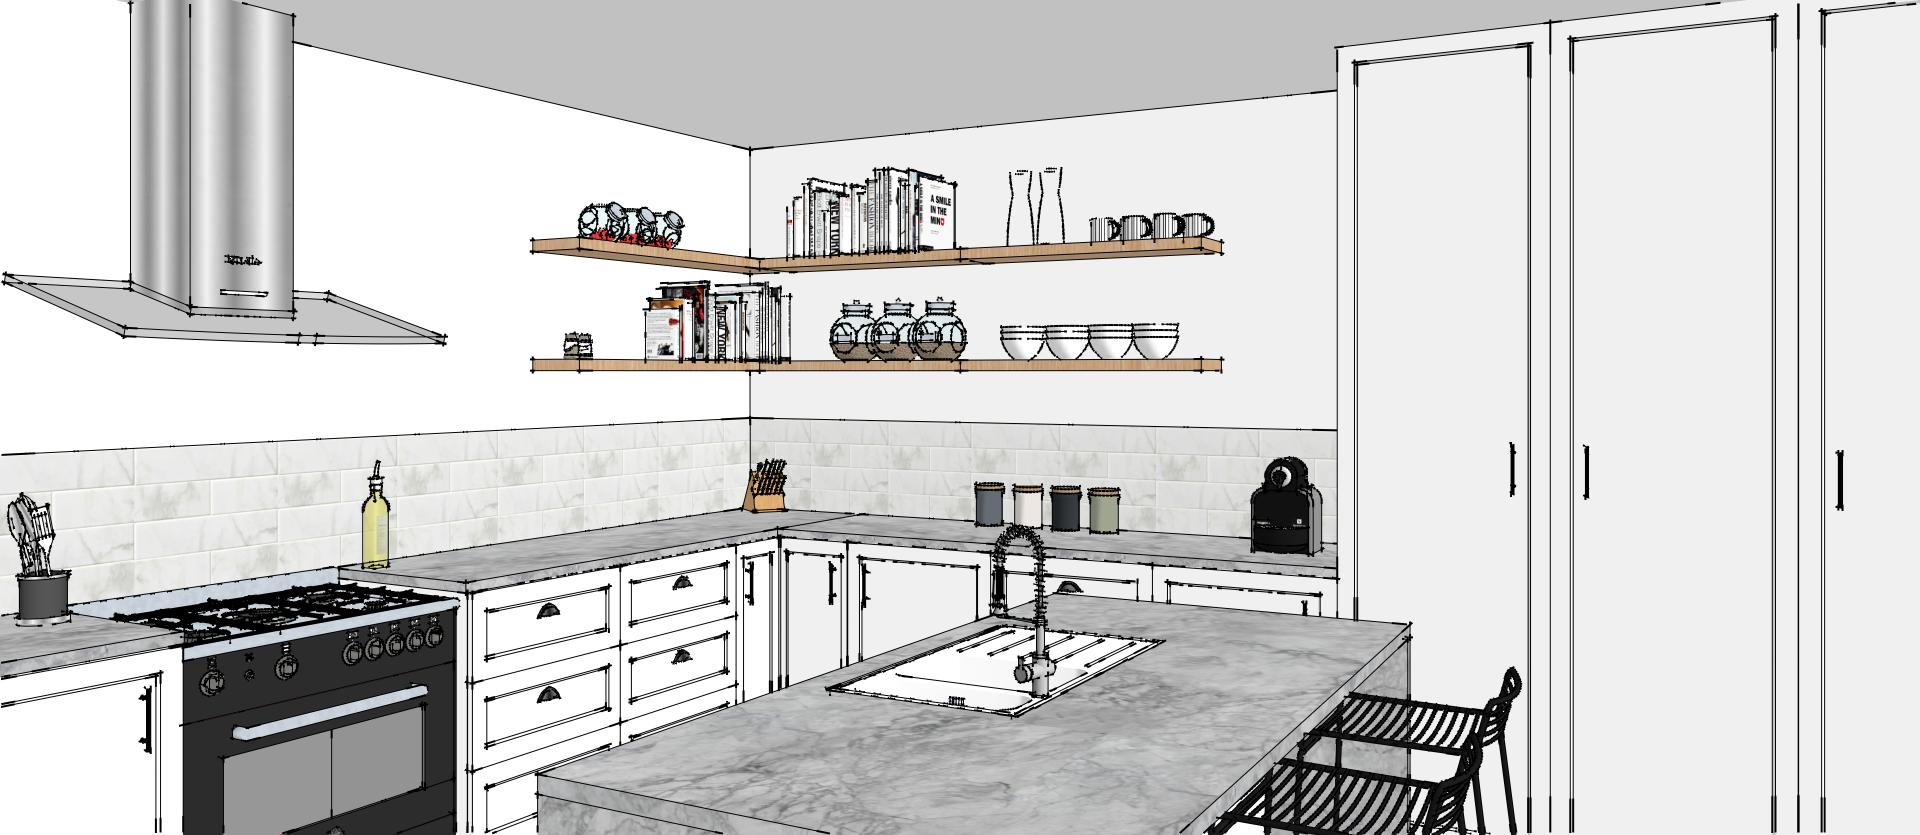 Realisation 3d D Une Piece De Vie Moderne Vue De L Espace Cuisine